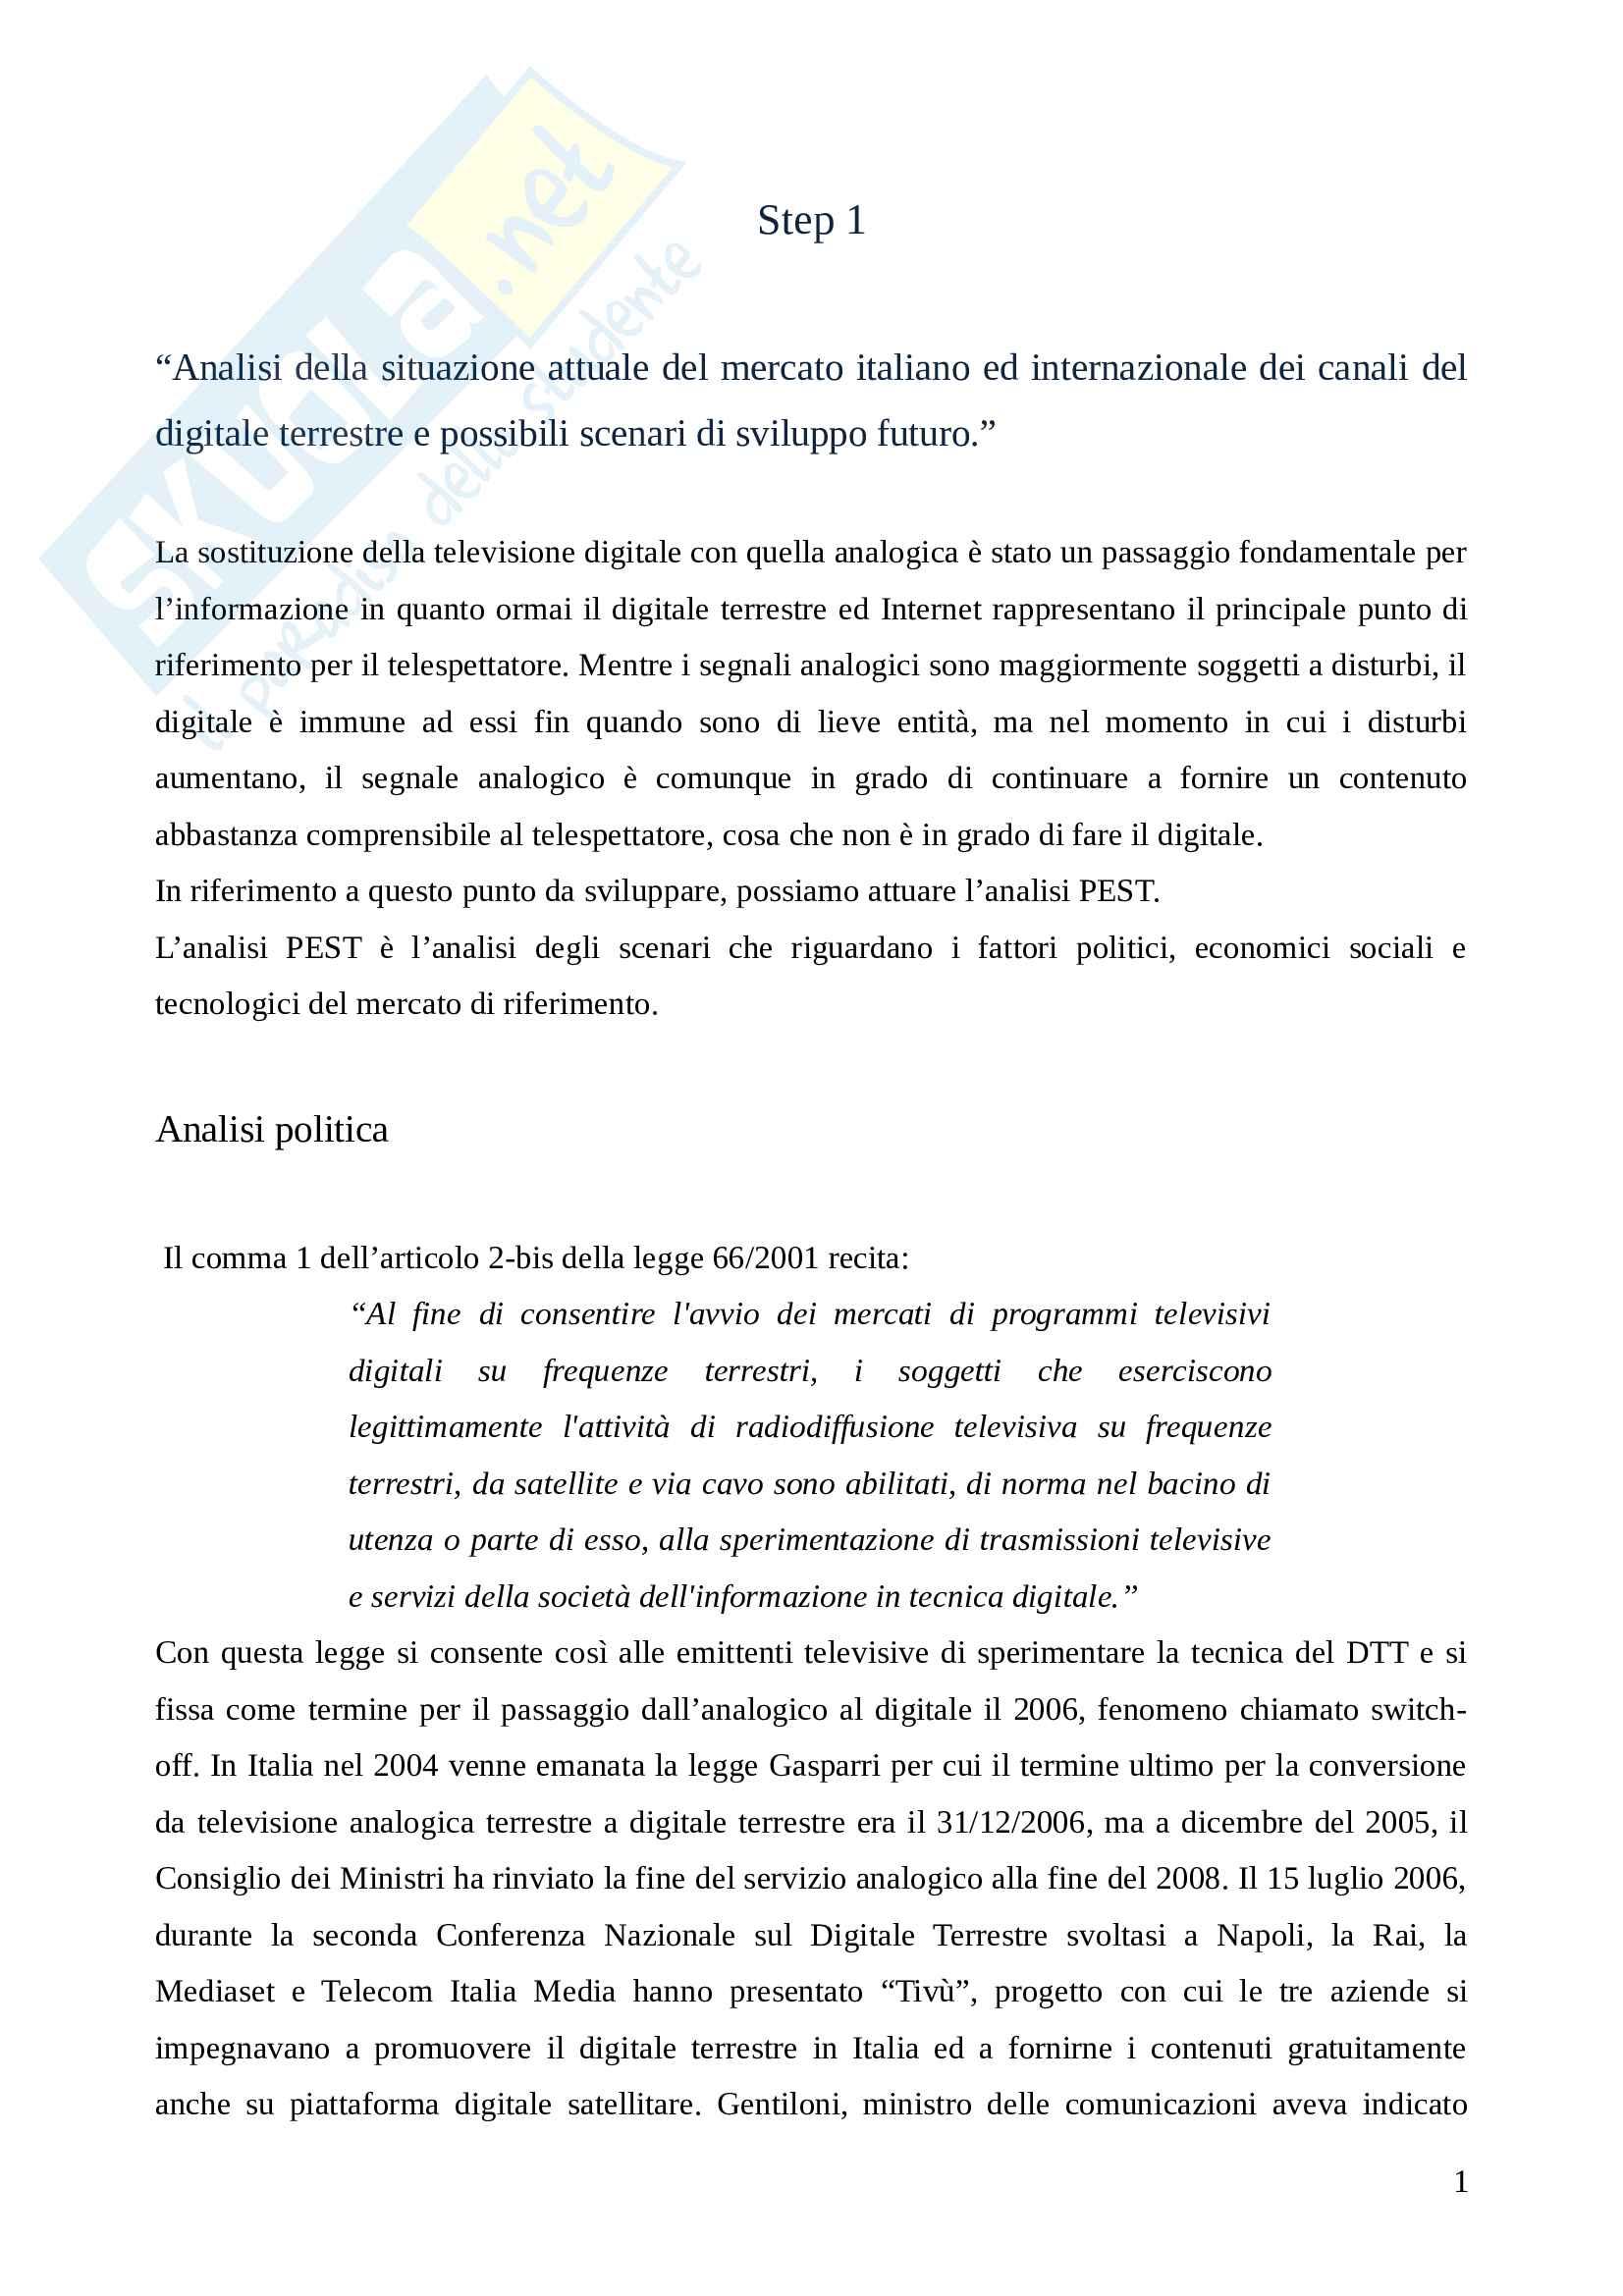 Analisi della situazione attuale del mercato italiano ed internazionale dei canali del digitale terrestre e possibili scenari di sviluppo futuro